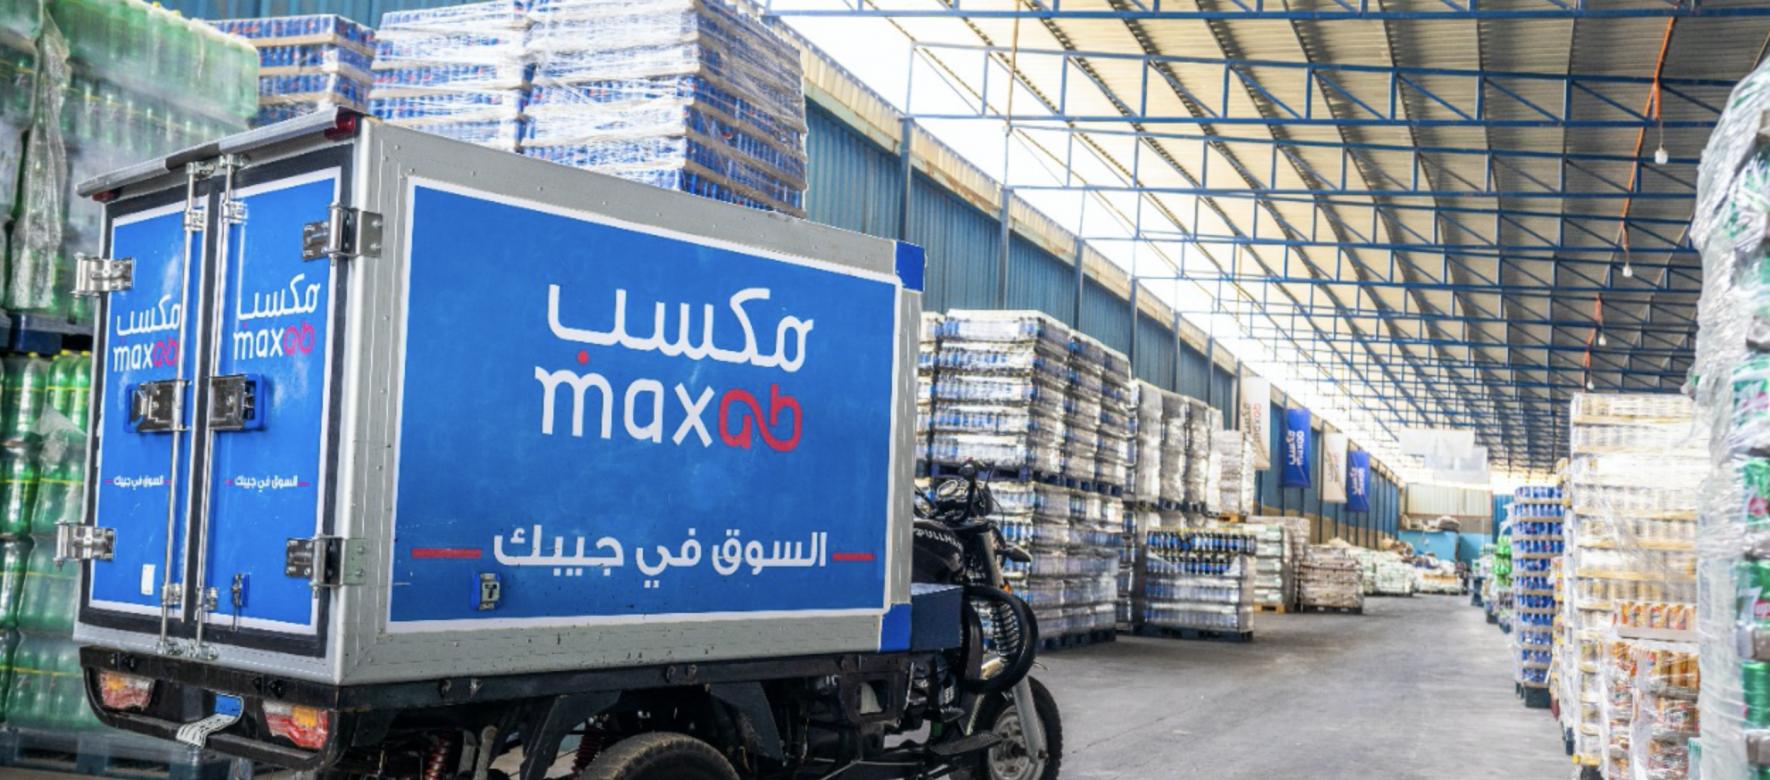 Maroc : MaxAB acquiert WaystoCap et ajoute 15 millions de dollars à sa Série A